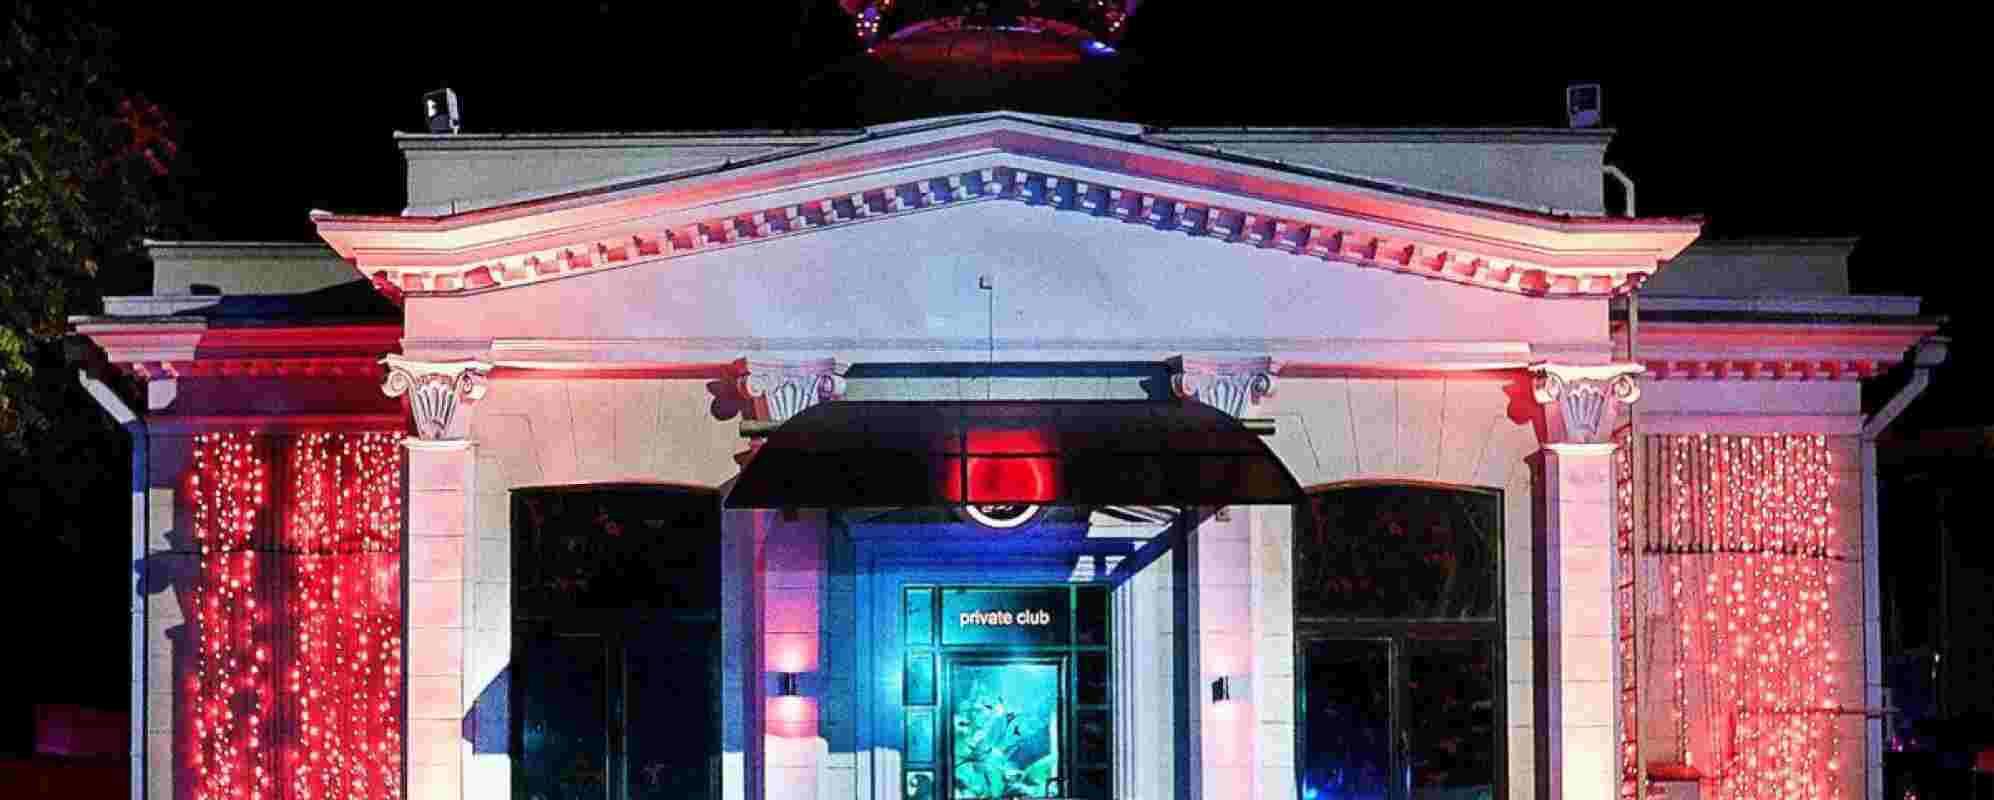 Стриптиз клуб боди в сочи ночной клуб в уфе видео